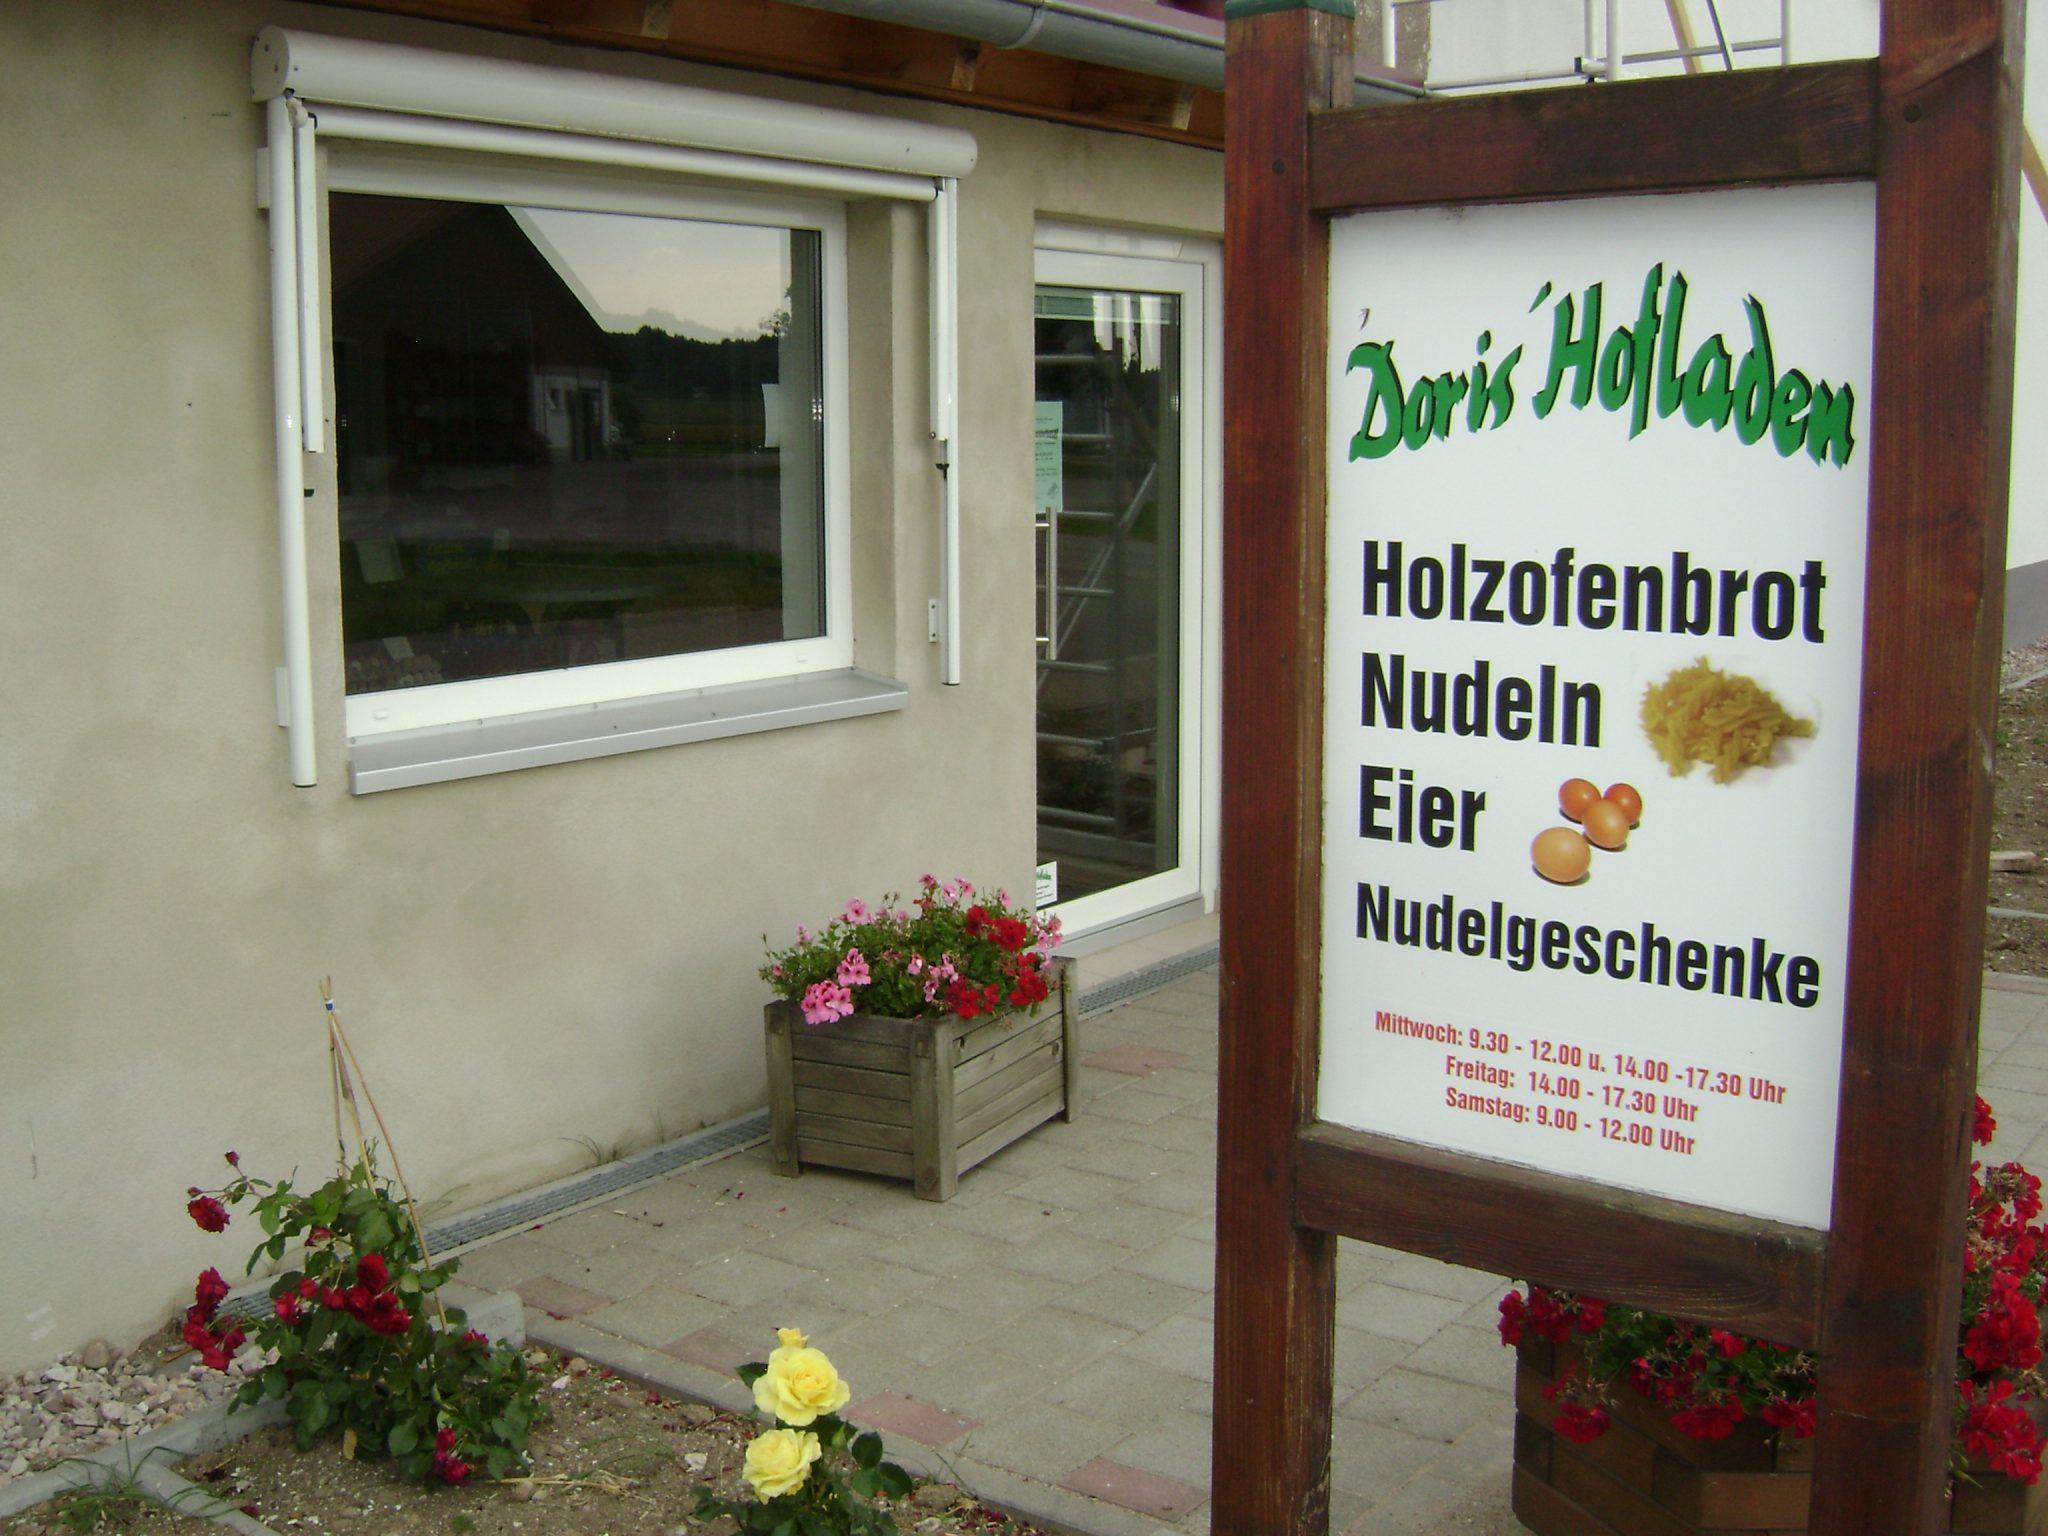 Doris Hofladen